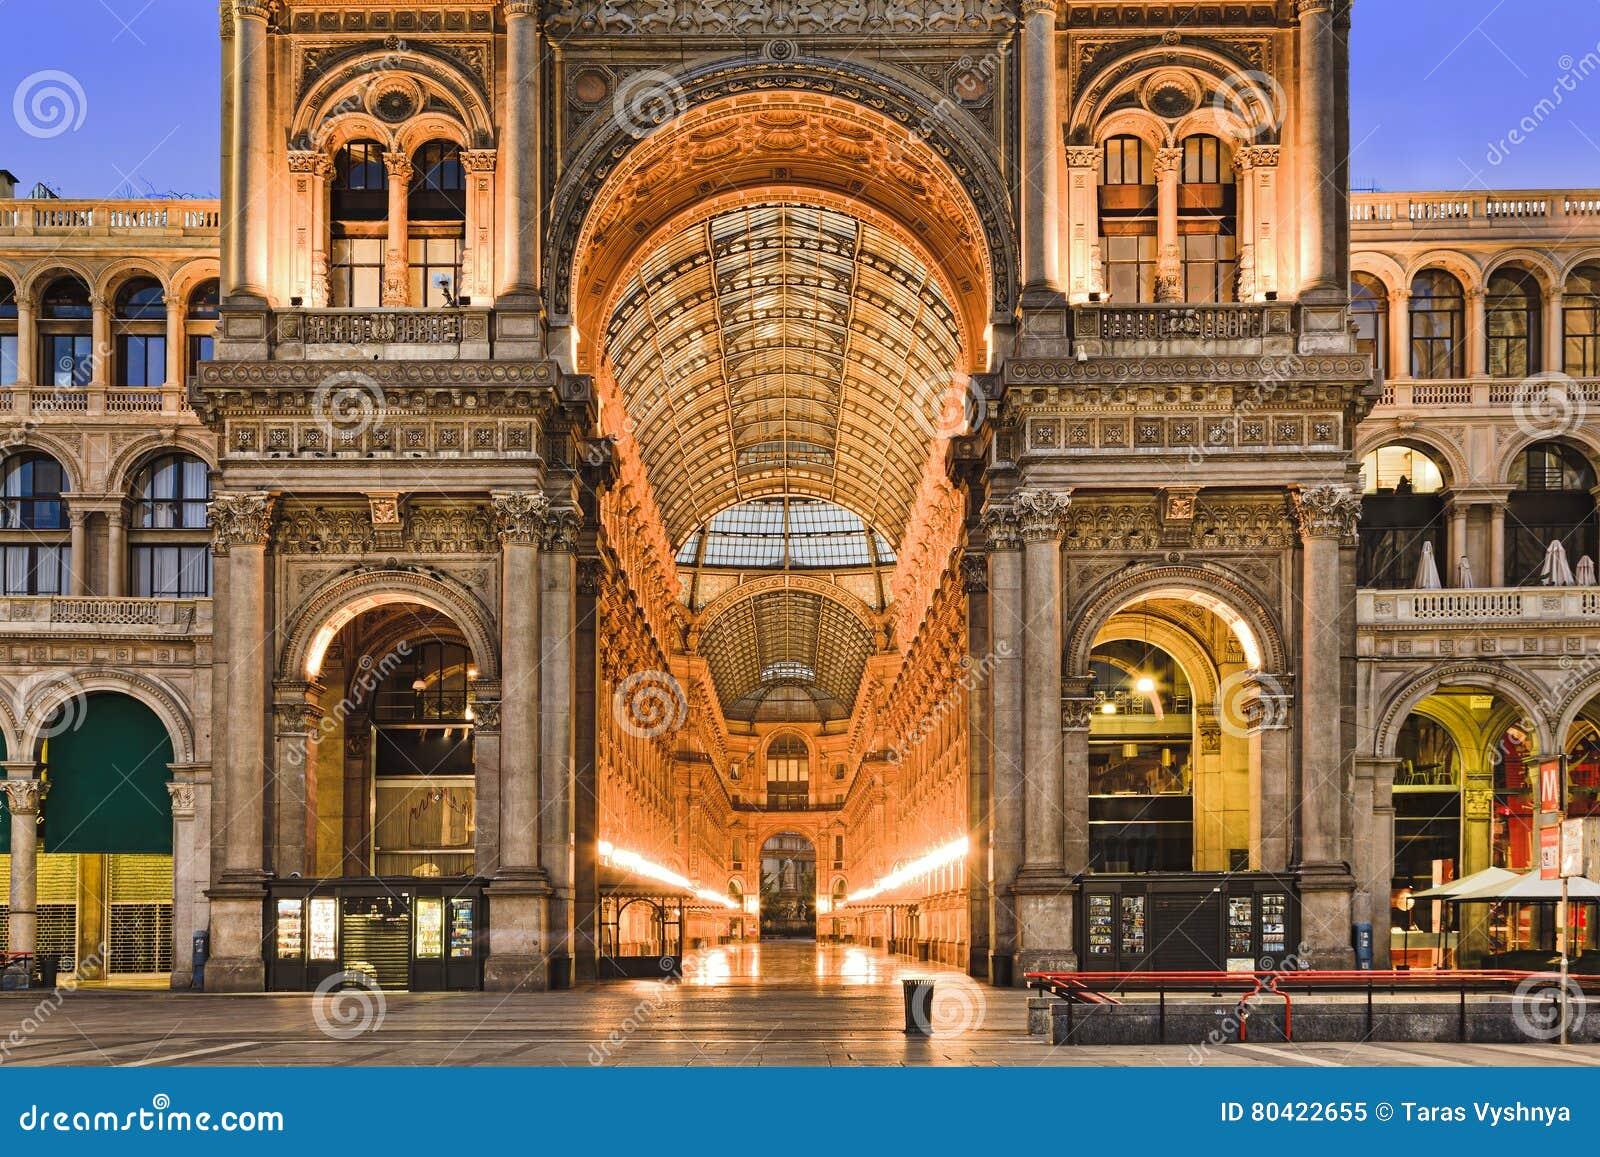 Milan Gallery Entrance Close Stock Image Image Of Europe Milan 80422655